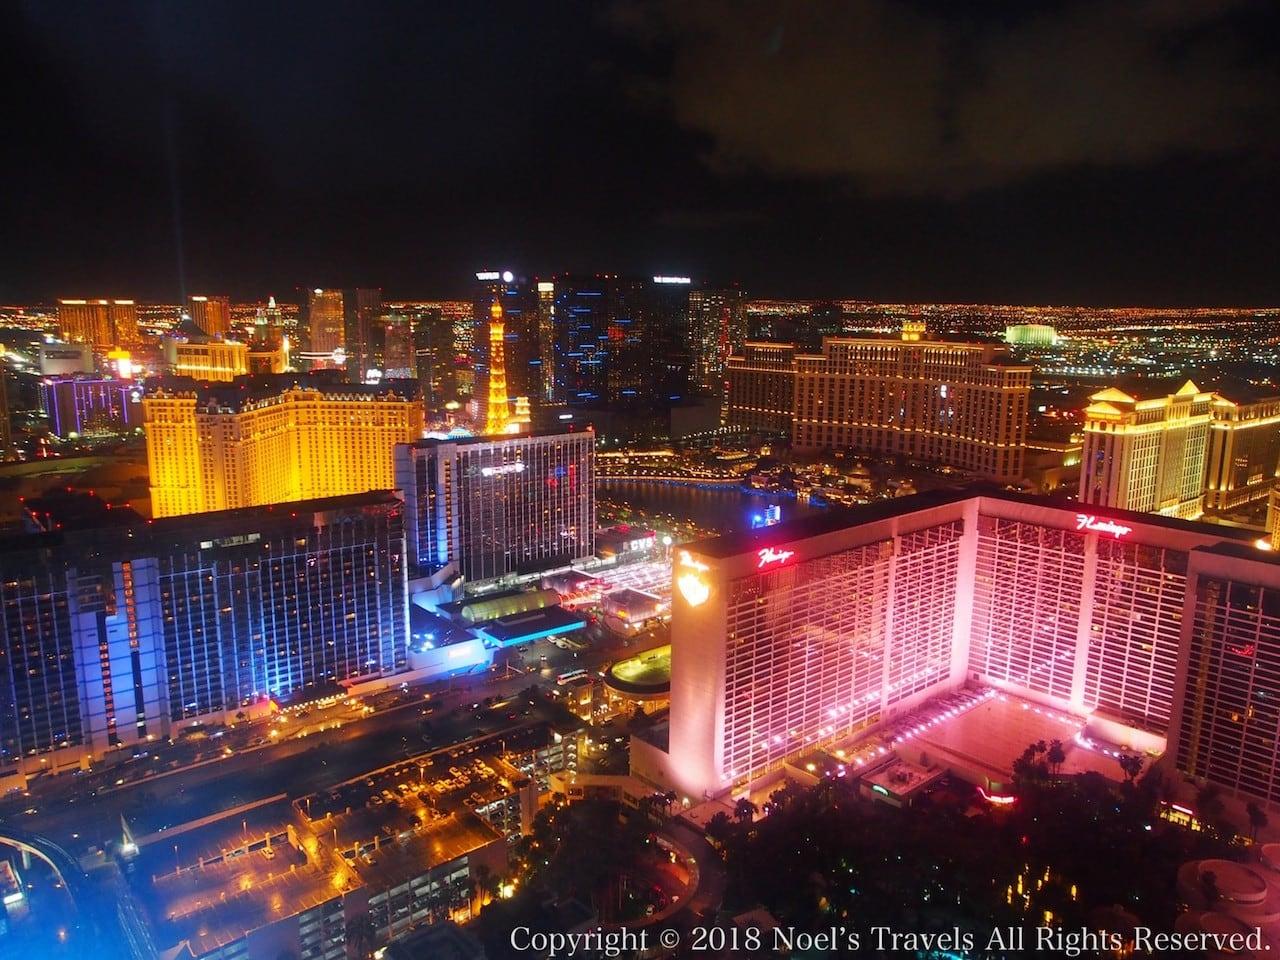 世界最大の観覧車「ハイローラー」から見たラスベガスの夜景